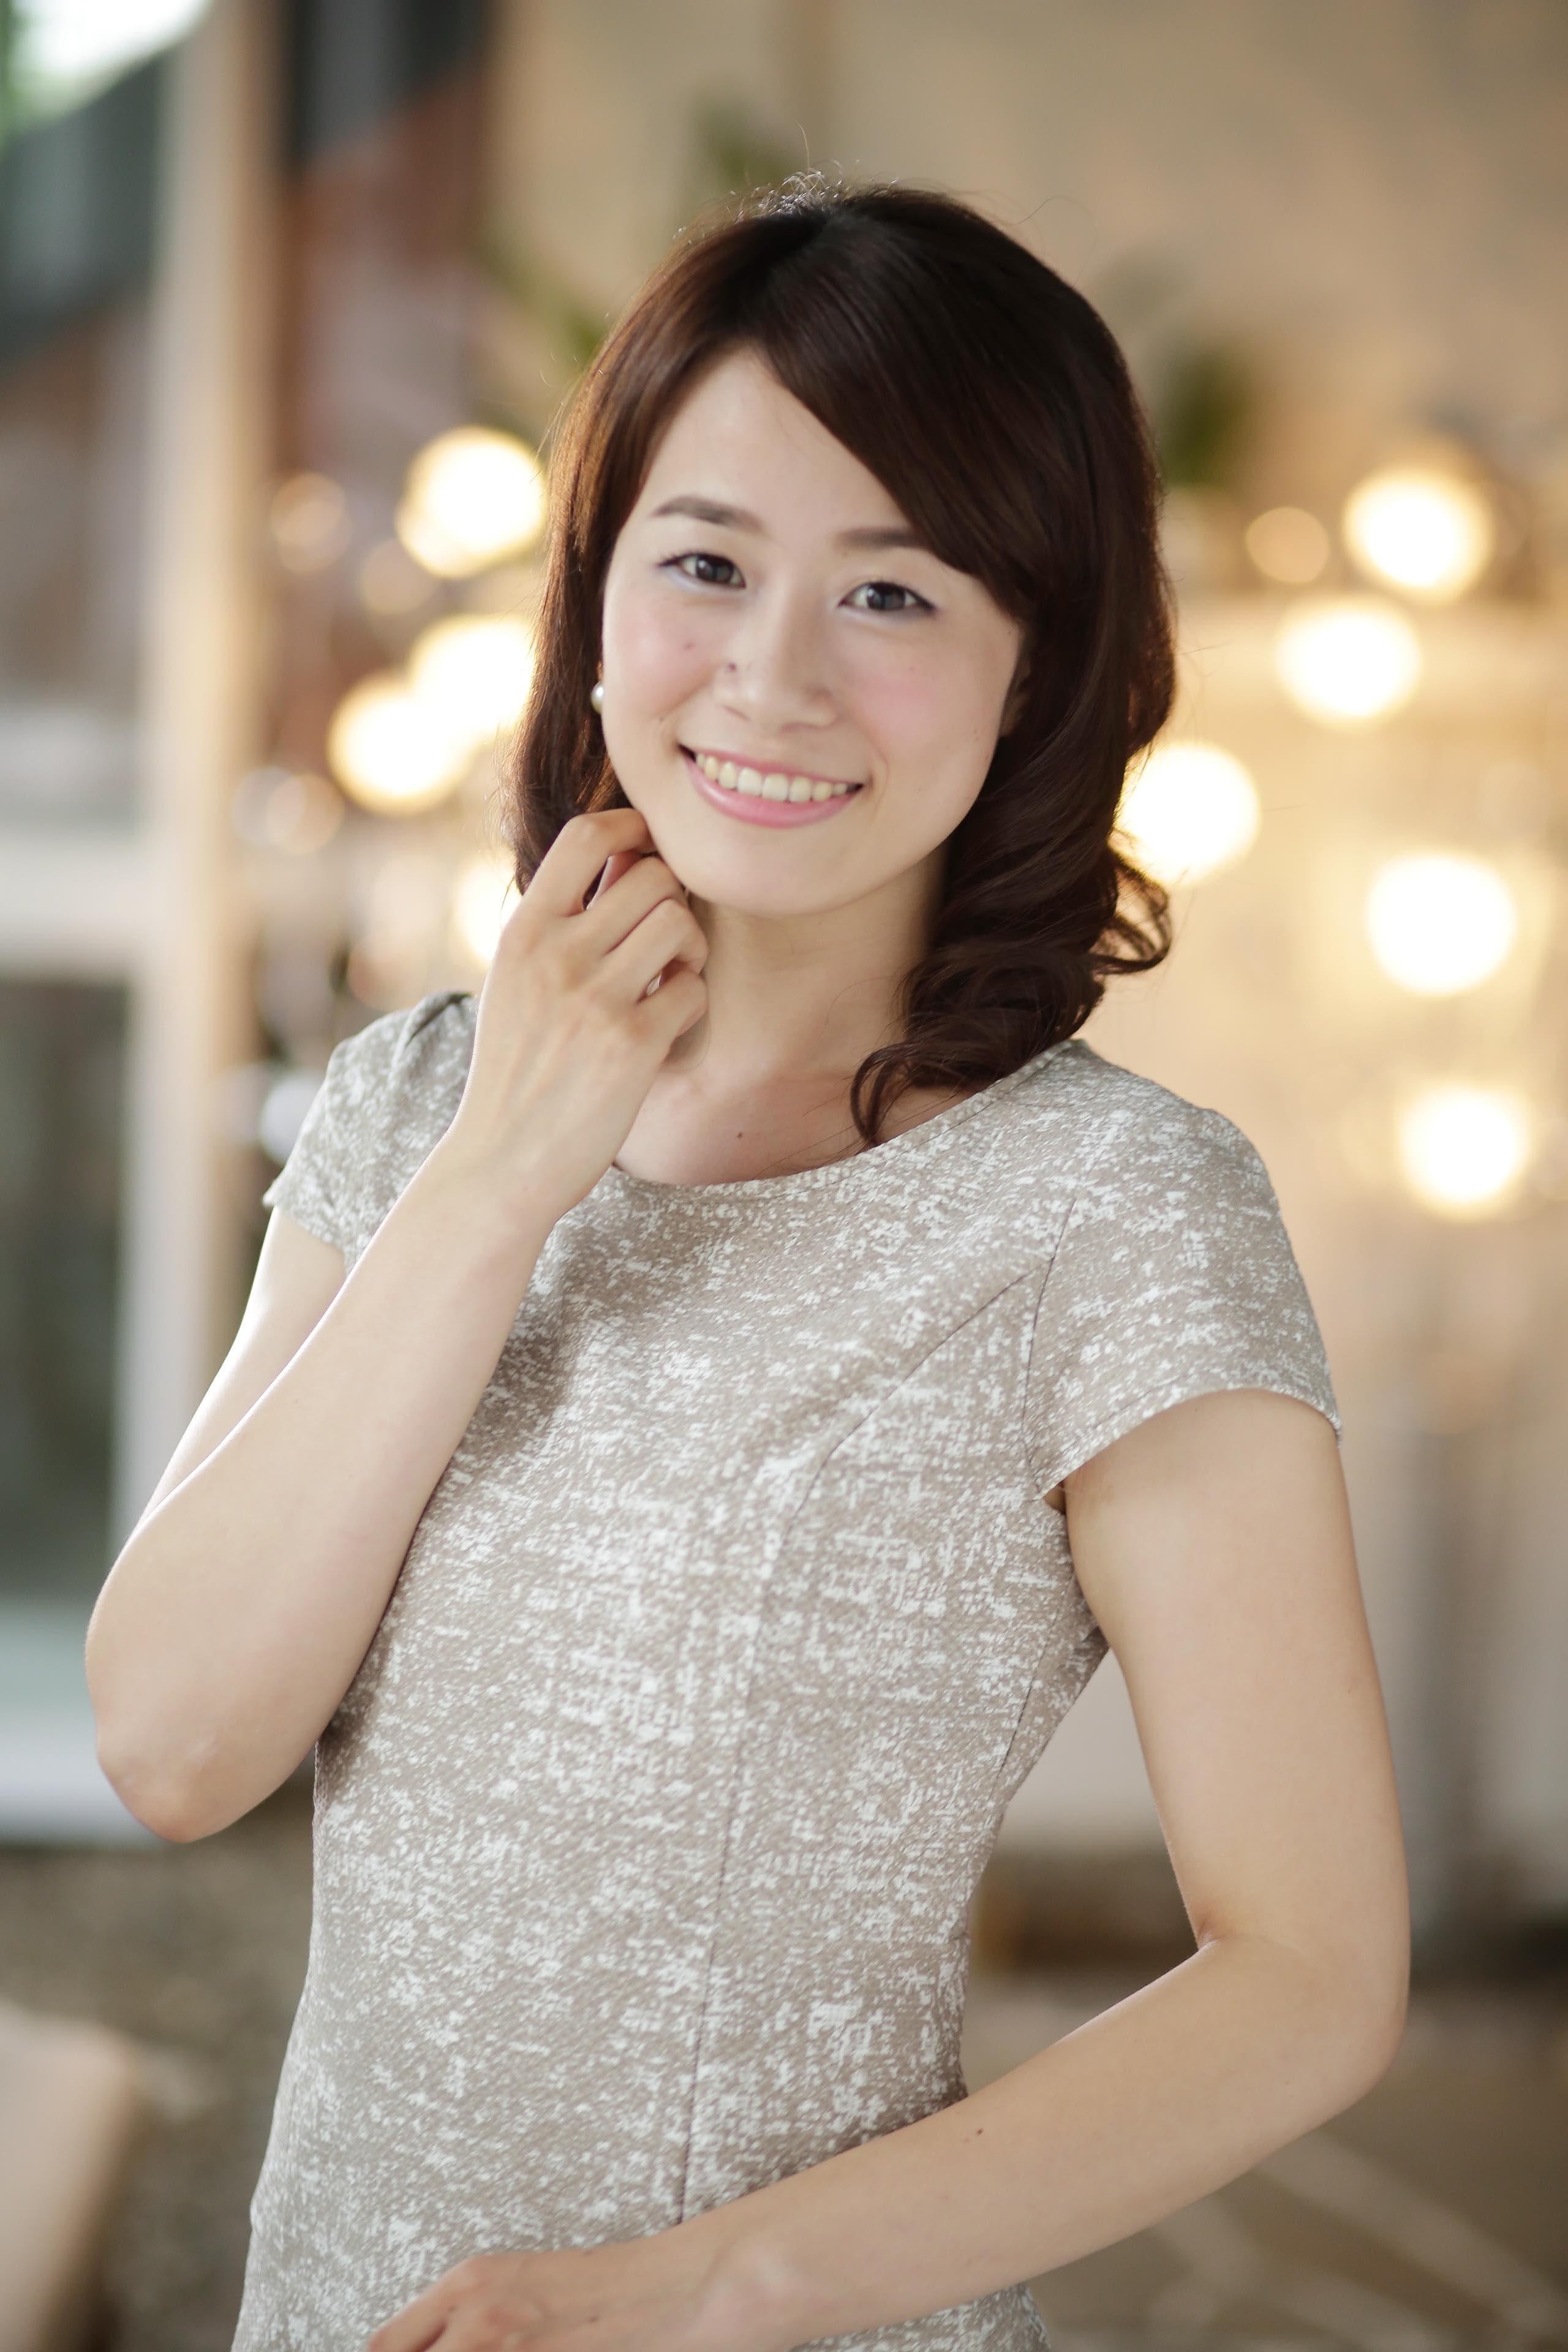 小倉 恵美さん